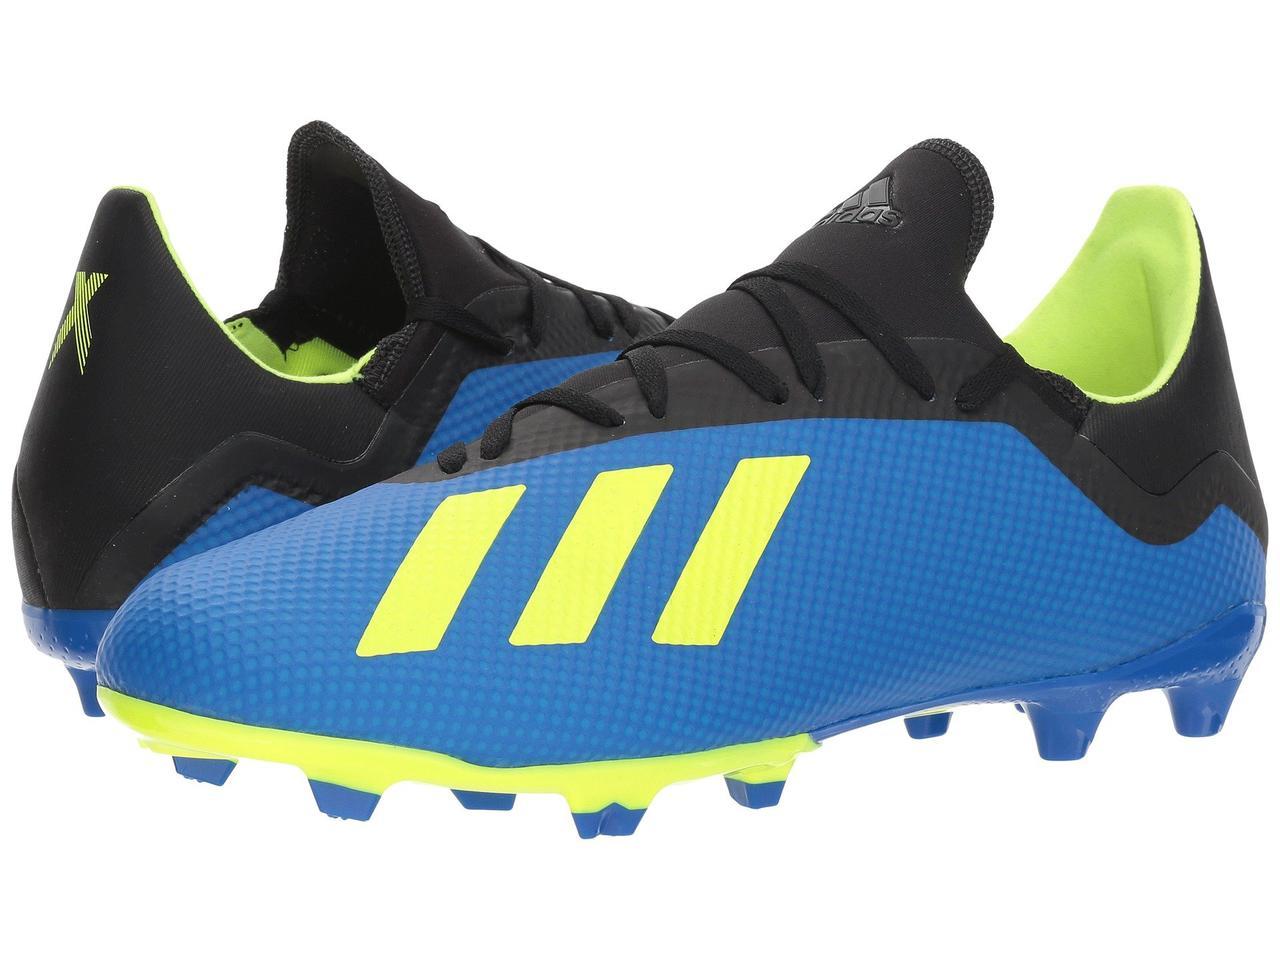 7f5a4f6c8b8ebb Бутсы adidas X 18.3 FG Blue - Оригинал - FAIR - оригинальная одежда и обувь  в